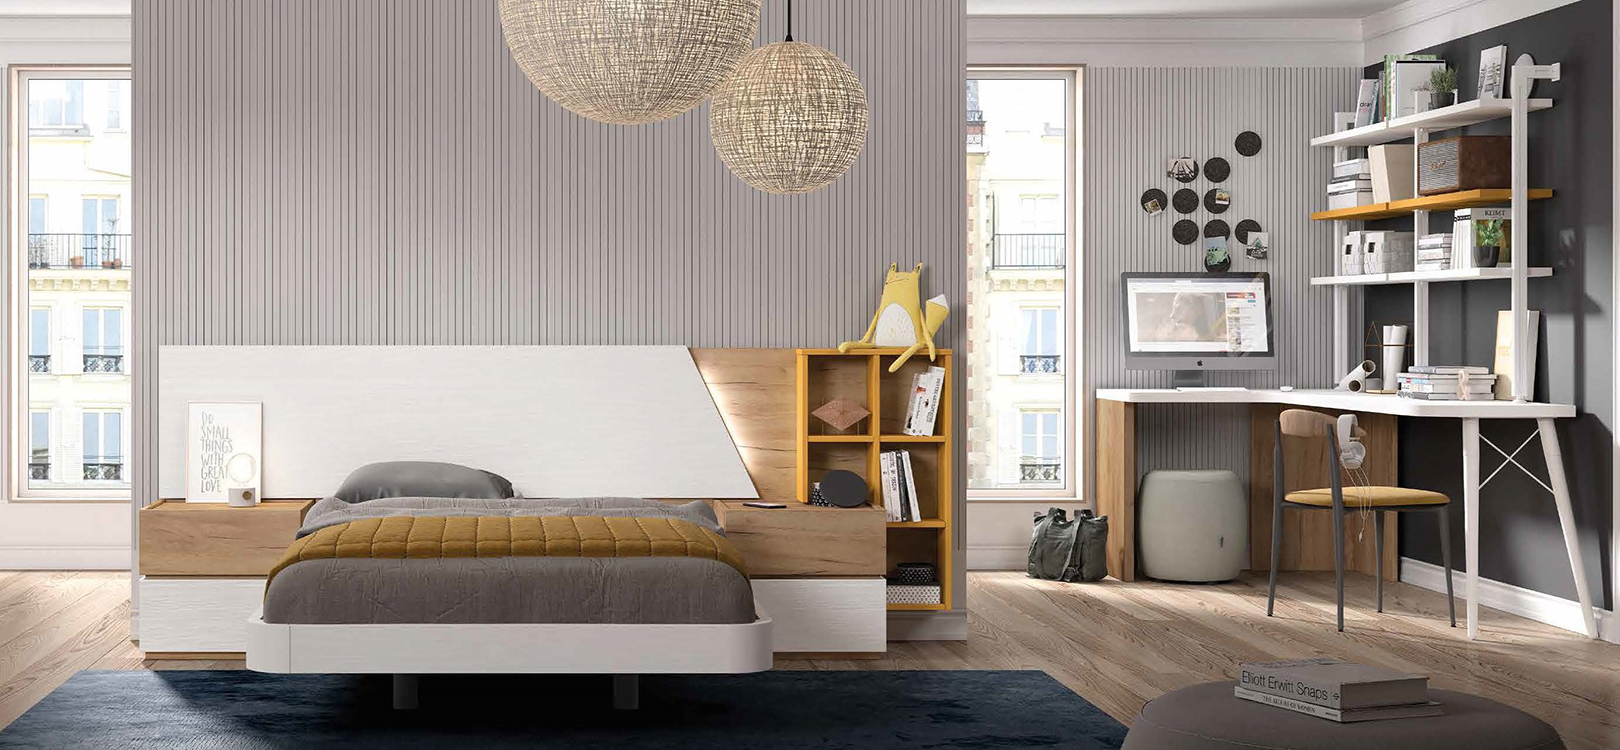 http://www.munozmuebles.net/nueva/catalogo/juveniles-modulares.html -  Establecimientos de muebles románticos en Móstoles